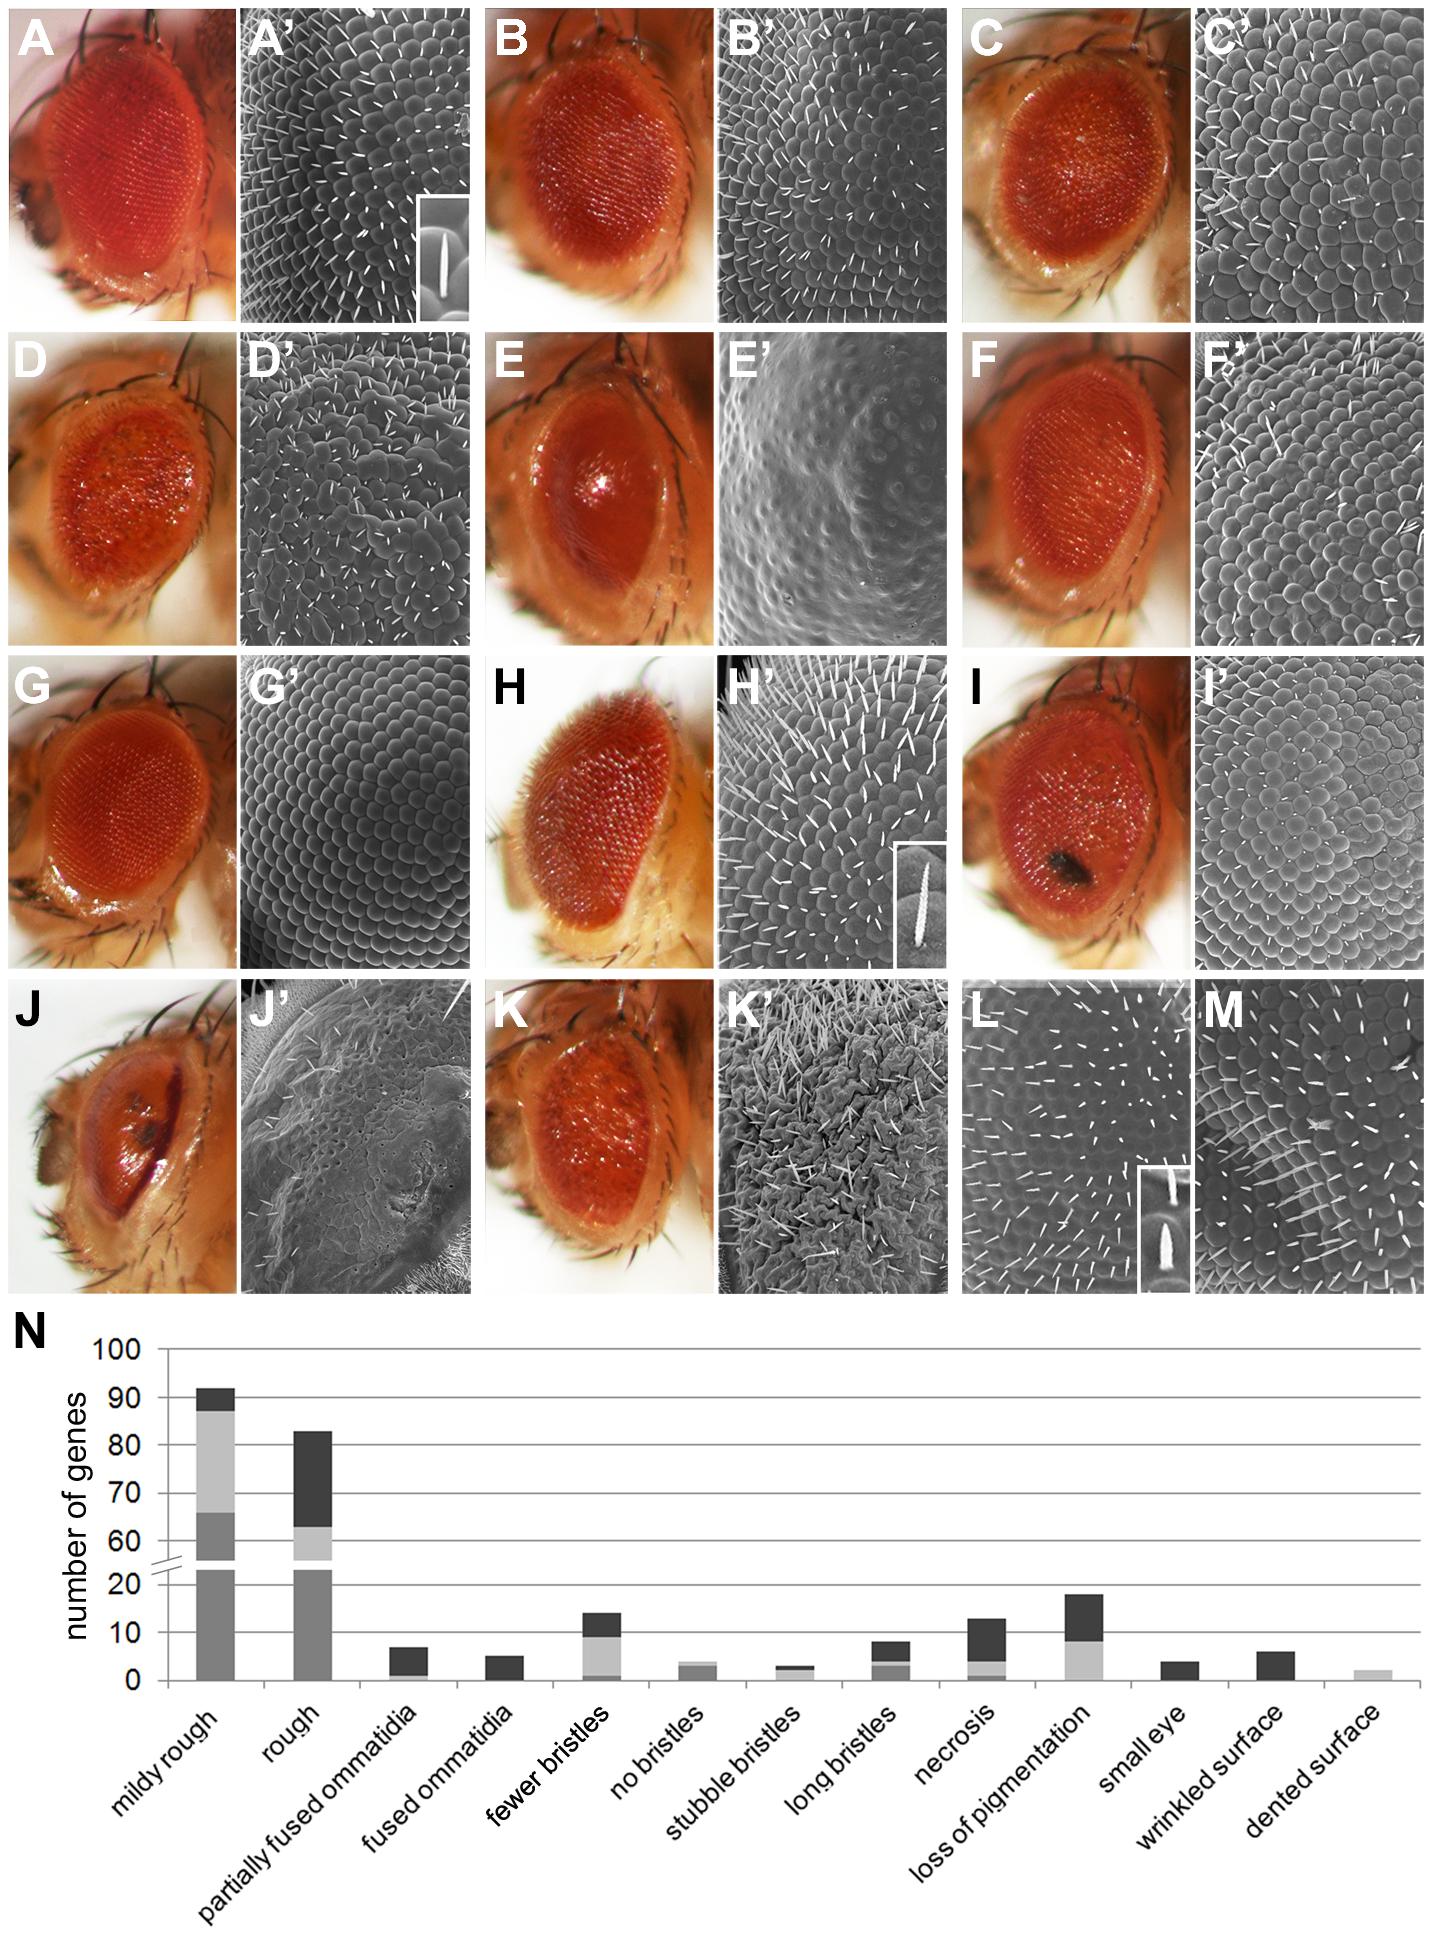 Eye morphology defects of <i>Drosophila</i> ID models.